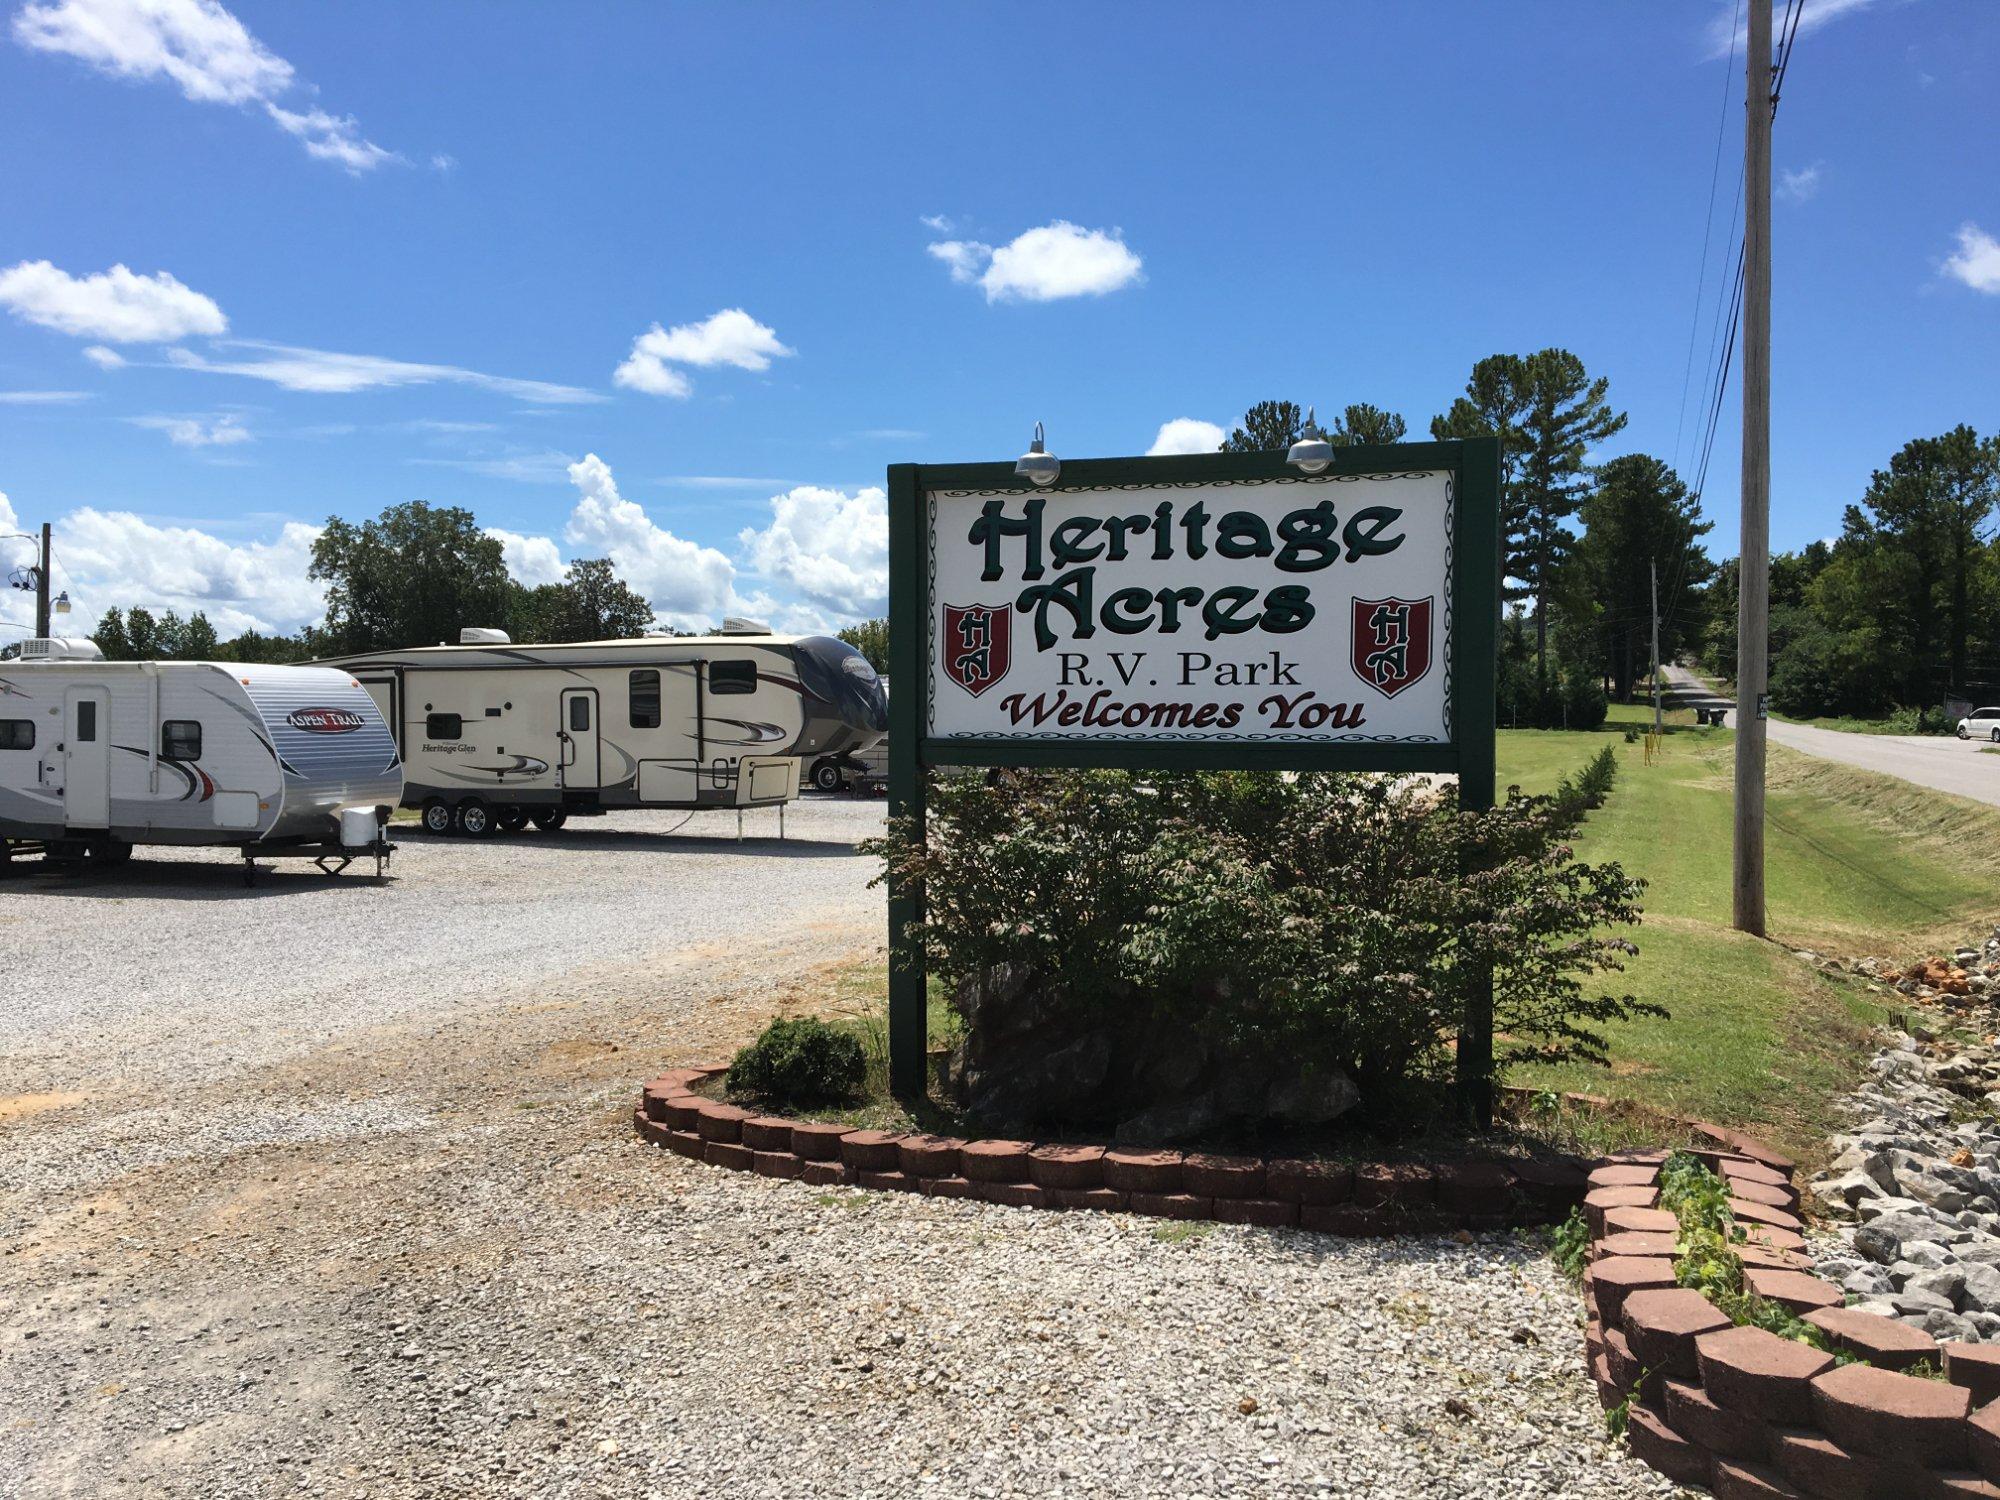 Heritage Acres RV Park